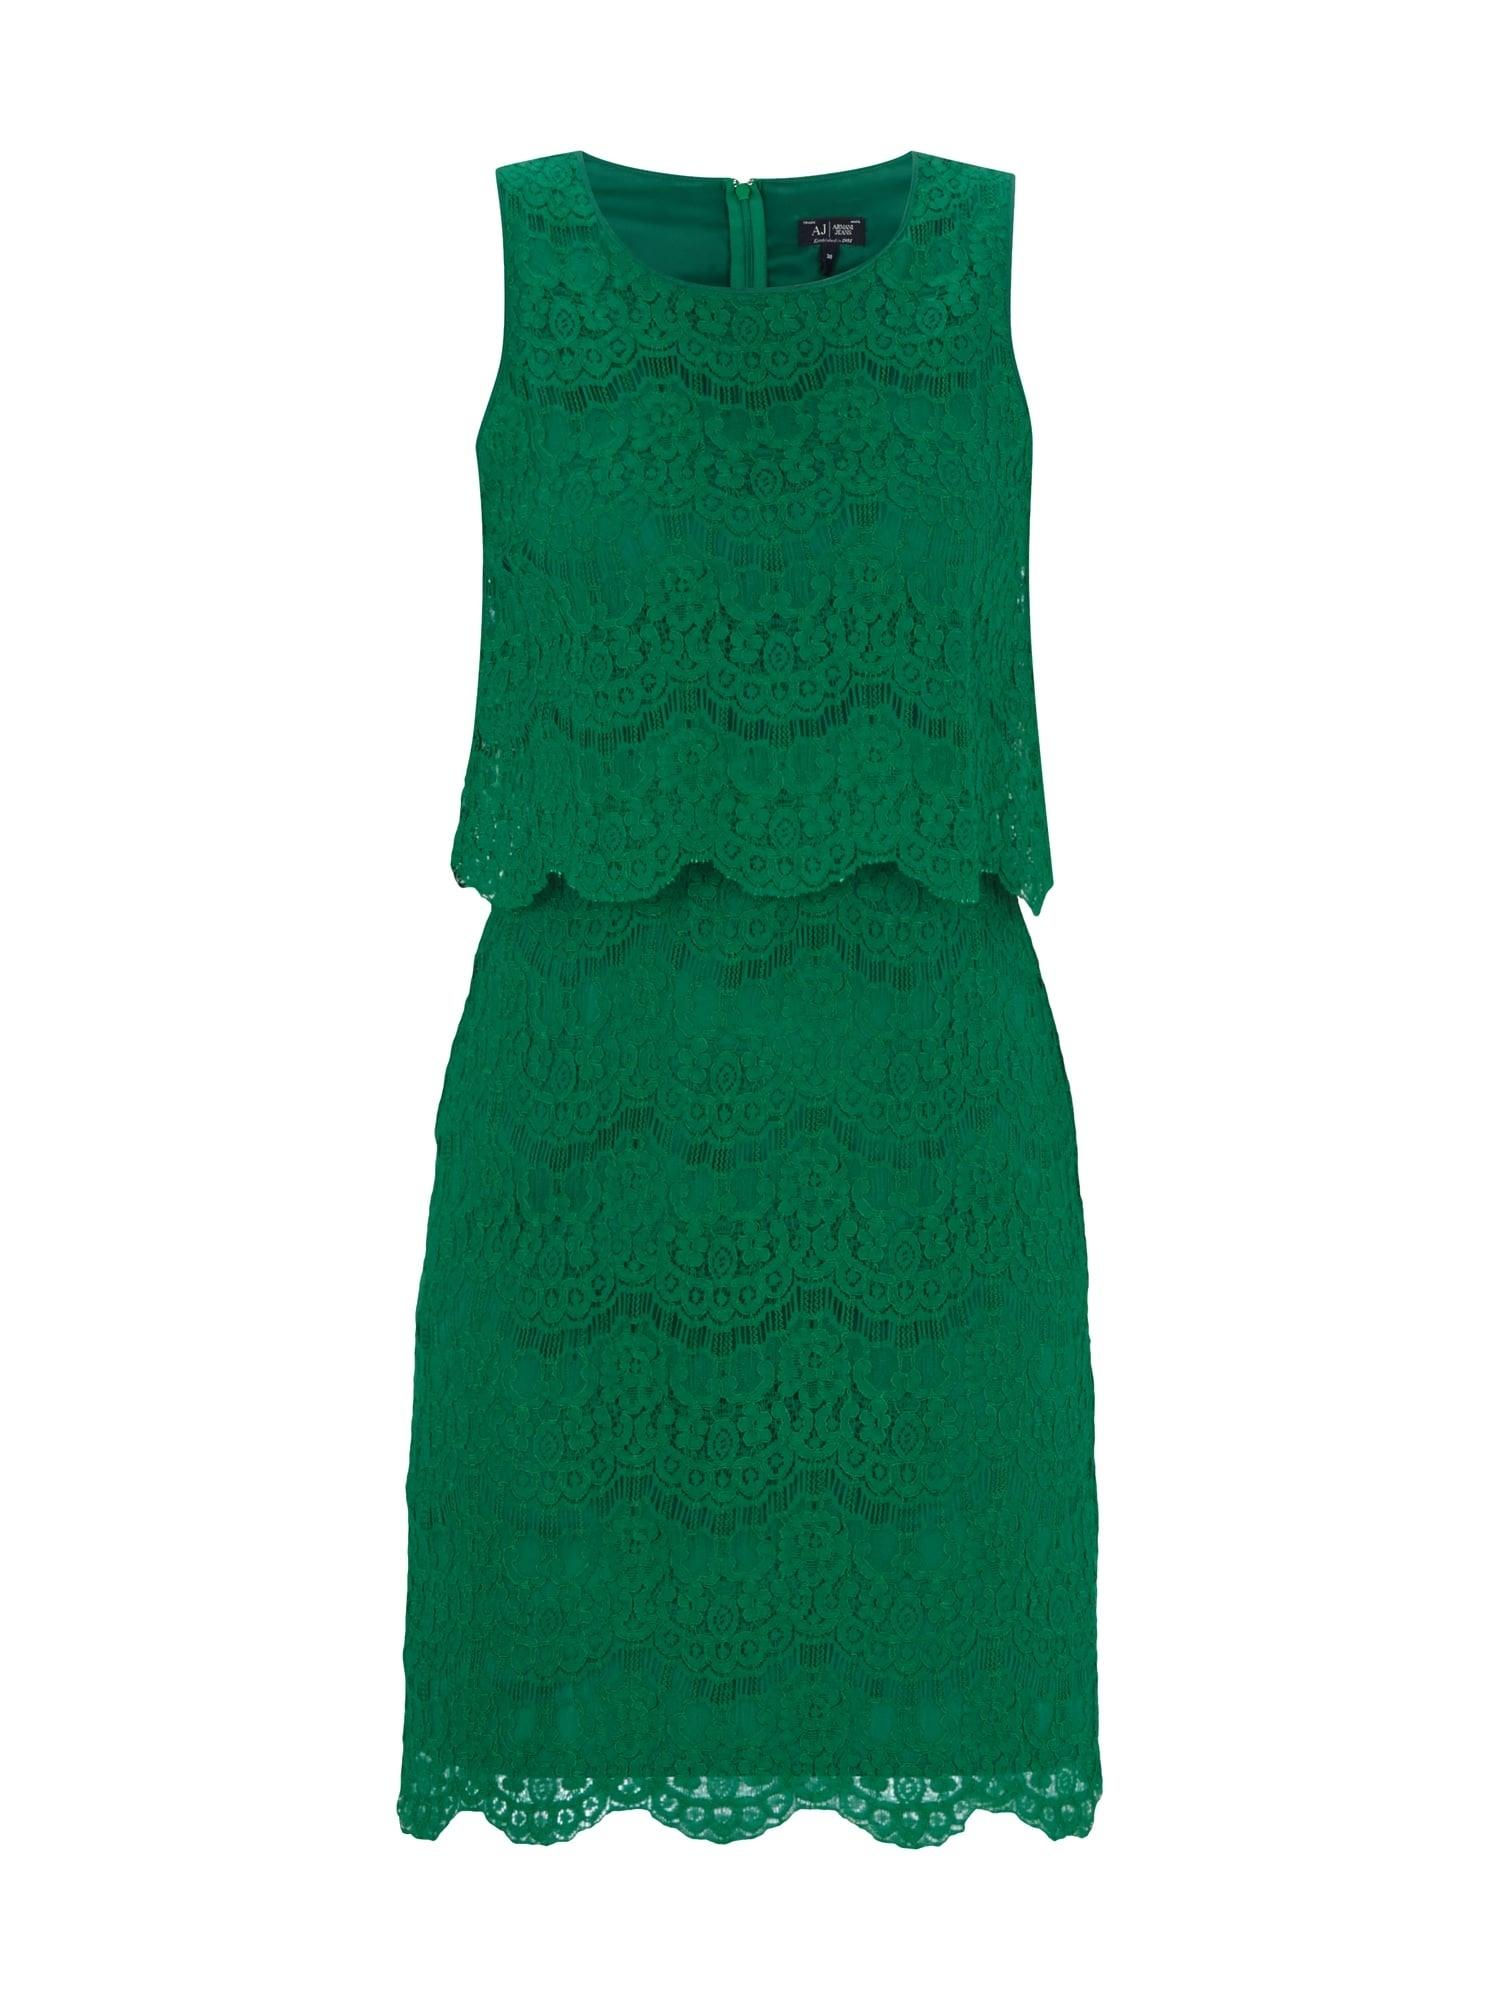 13 Coolste Kleid Mintgrün Spitze ÄrmelDesigner Genial Kleid Mintgrün Spitze für 2019